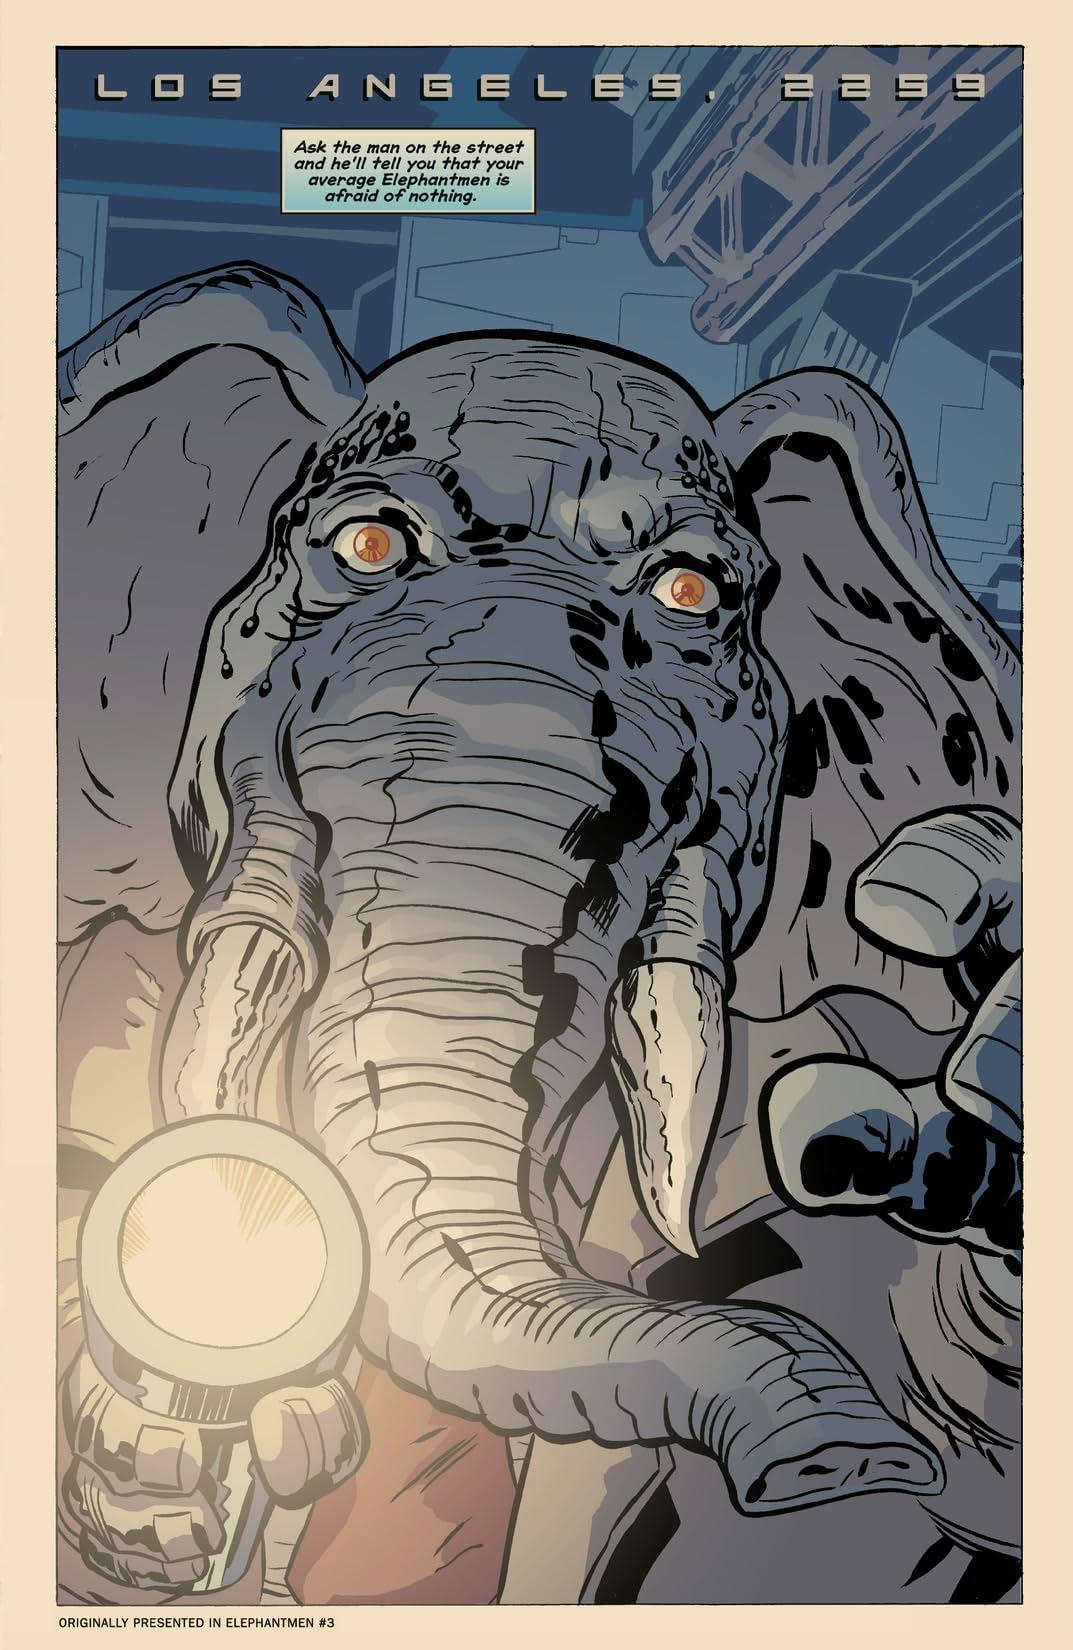 Elephantmen #3